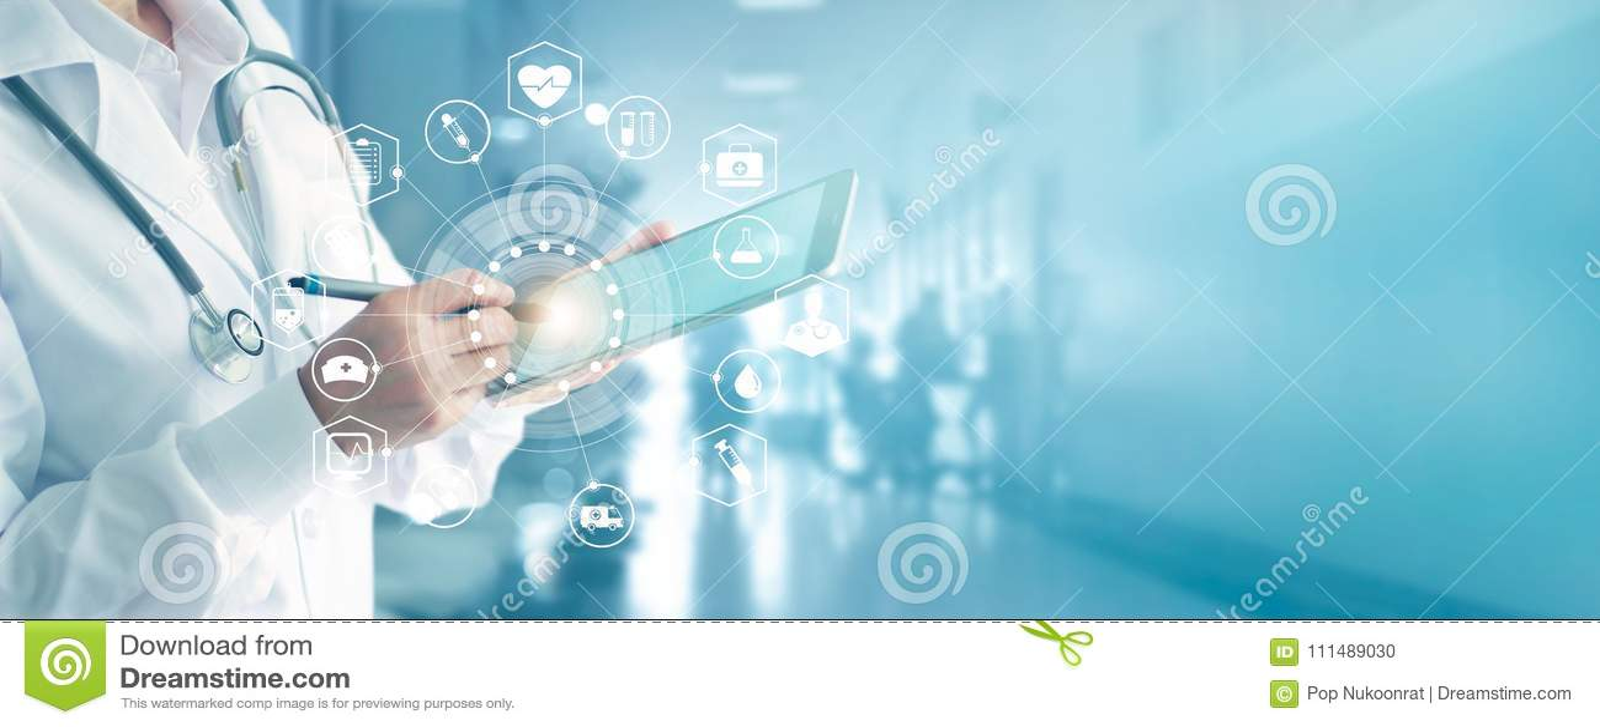 Medico della medicina con lo stetoscopio che tocca la rete medica delle icone